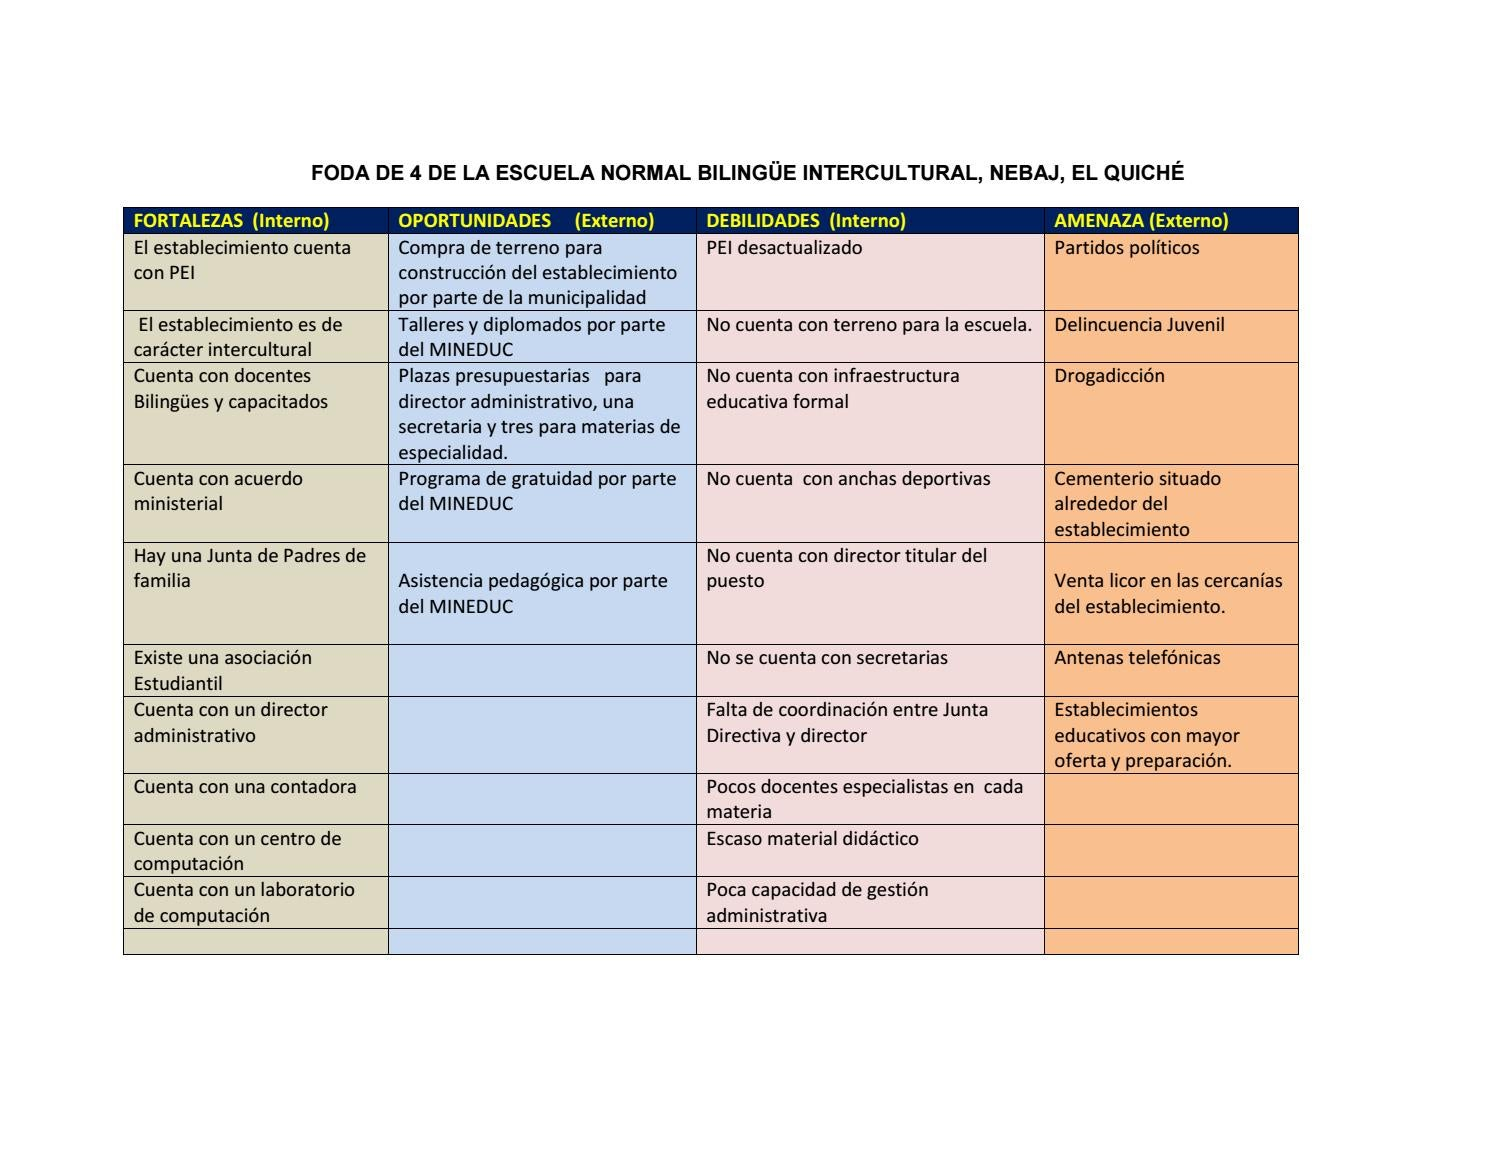 Acuerdo ministerial 220 pdf creator